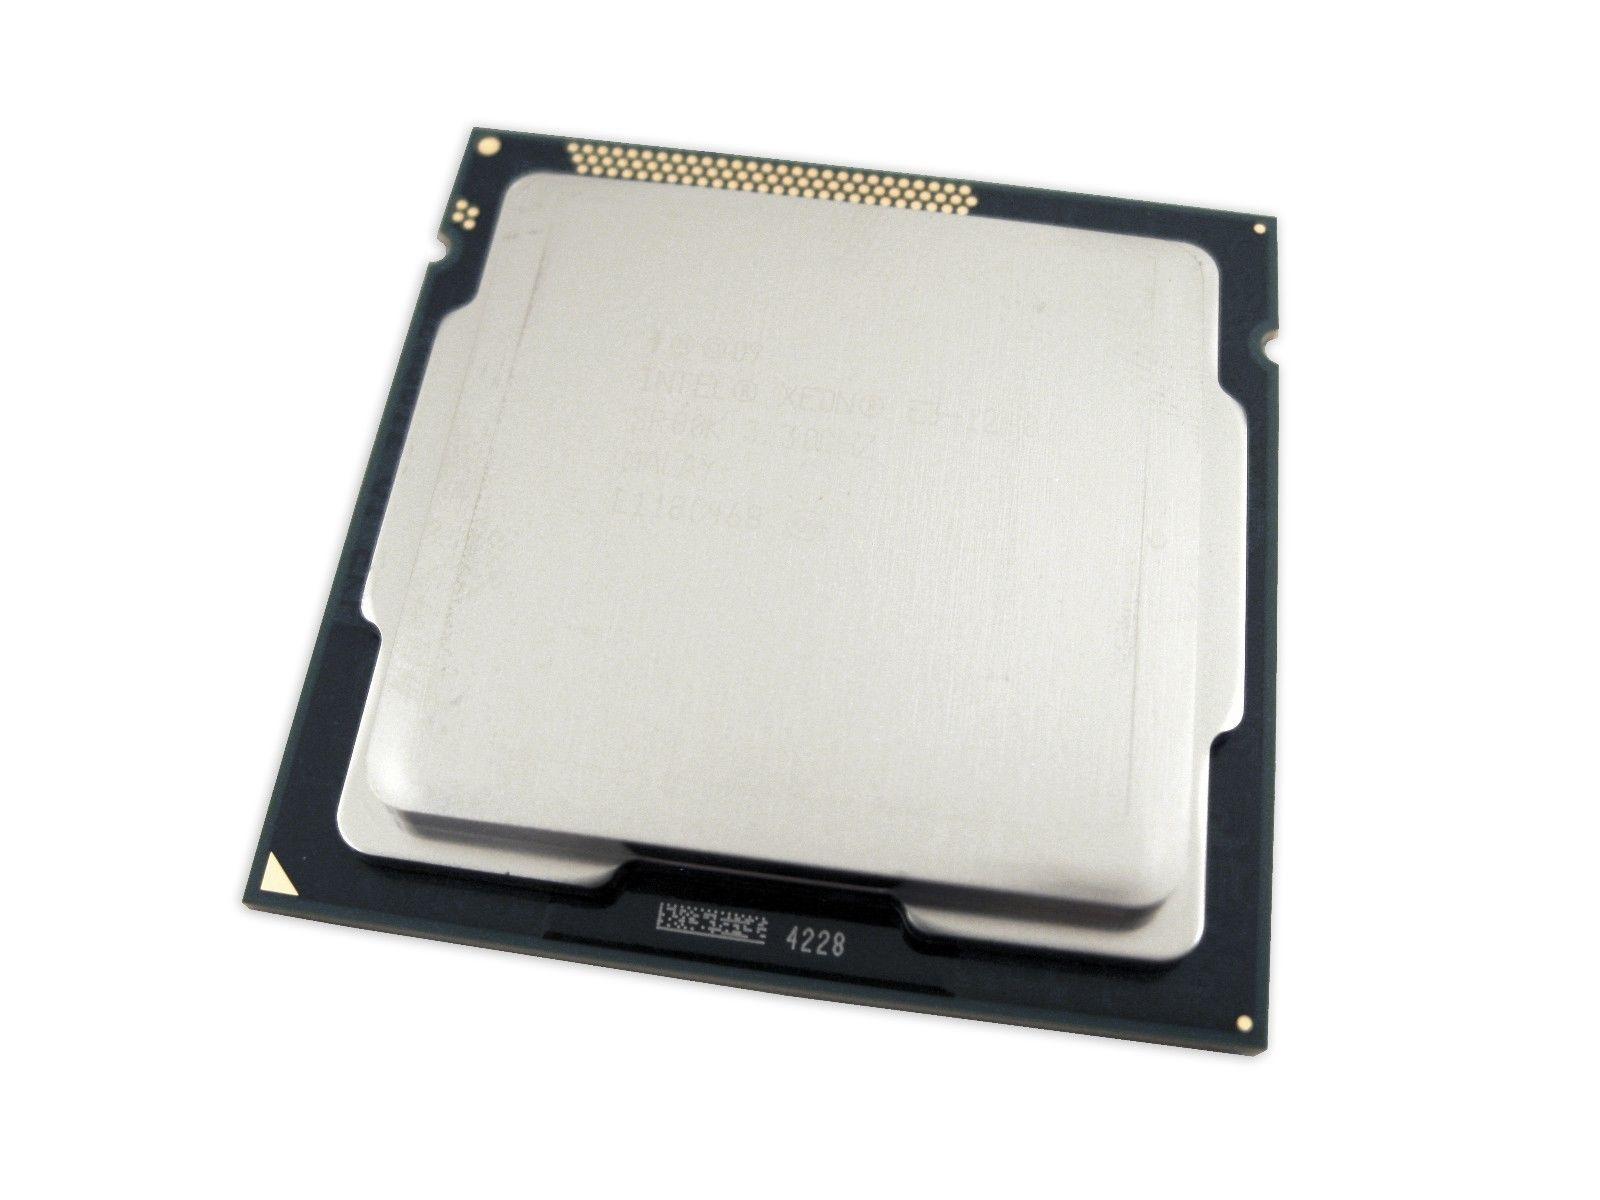 Intel 03X3627 Xeon E3-1240 SR00K 4 Core 3.3GHz LGA 1155 8MB L3 Cache